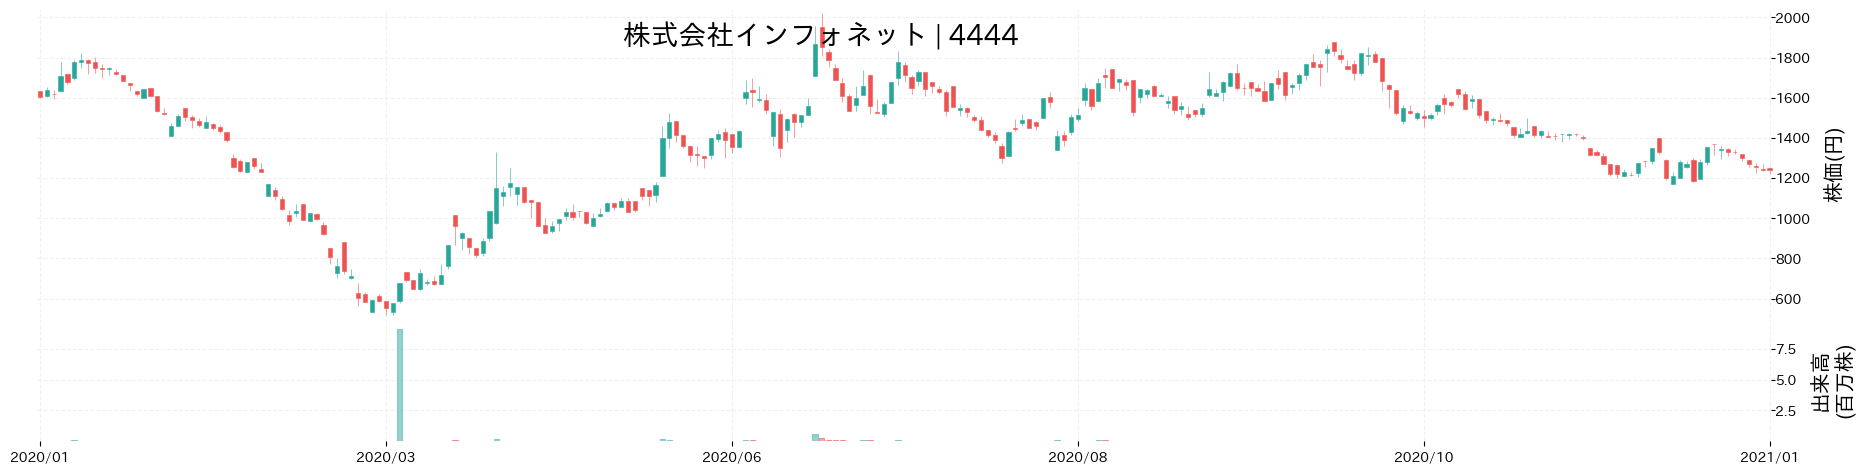 株式会社インフォネットの株価推移(2020)